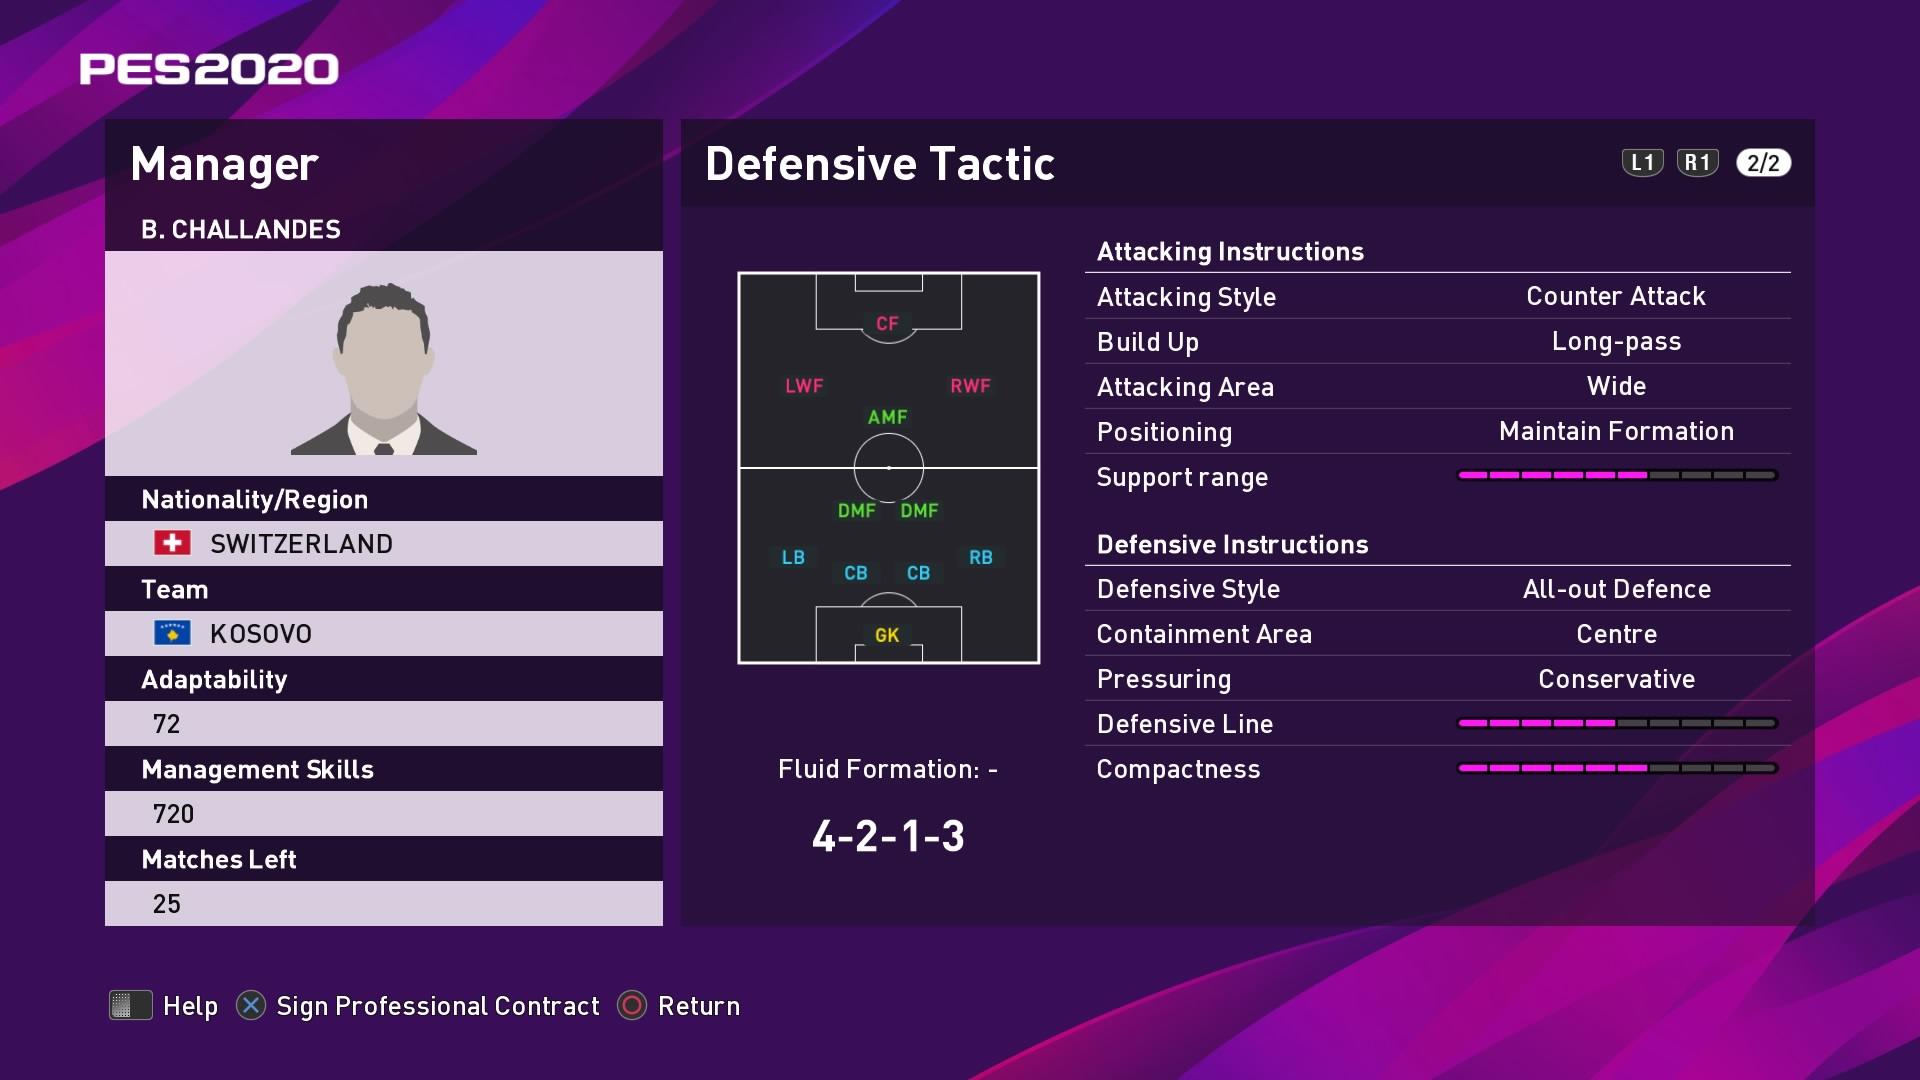 B. Challandes (Bernard Challandes) Defensive Tactic in PES 2020 myClub